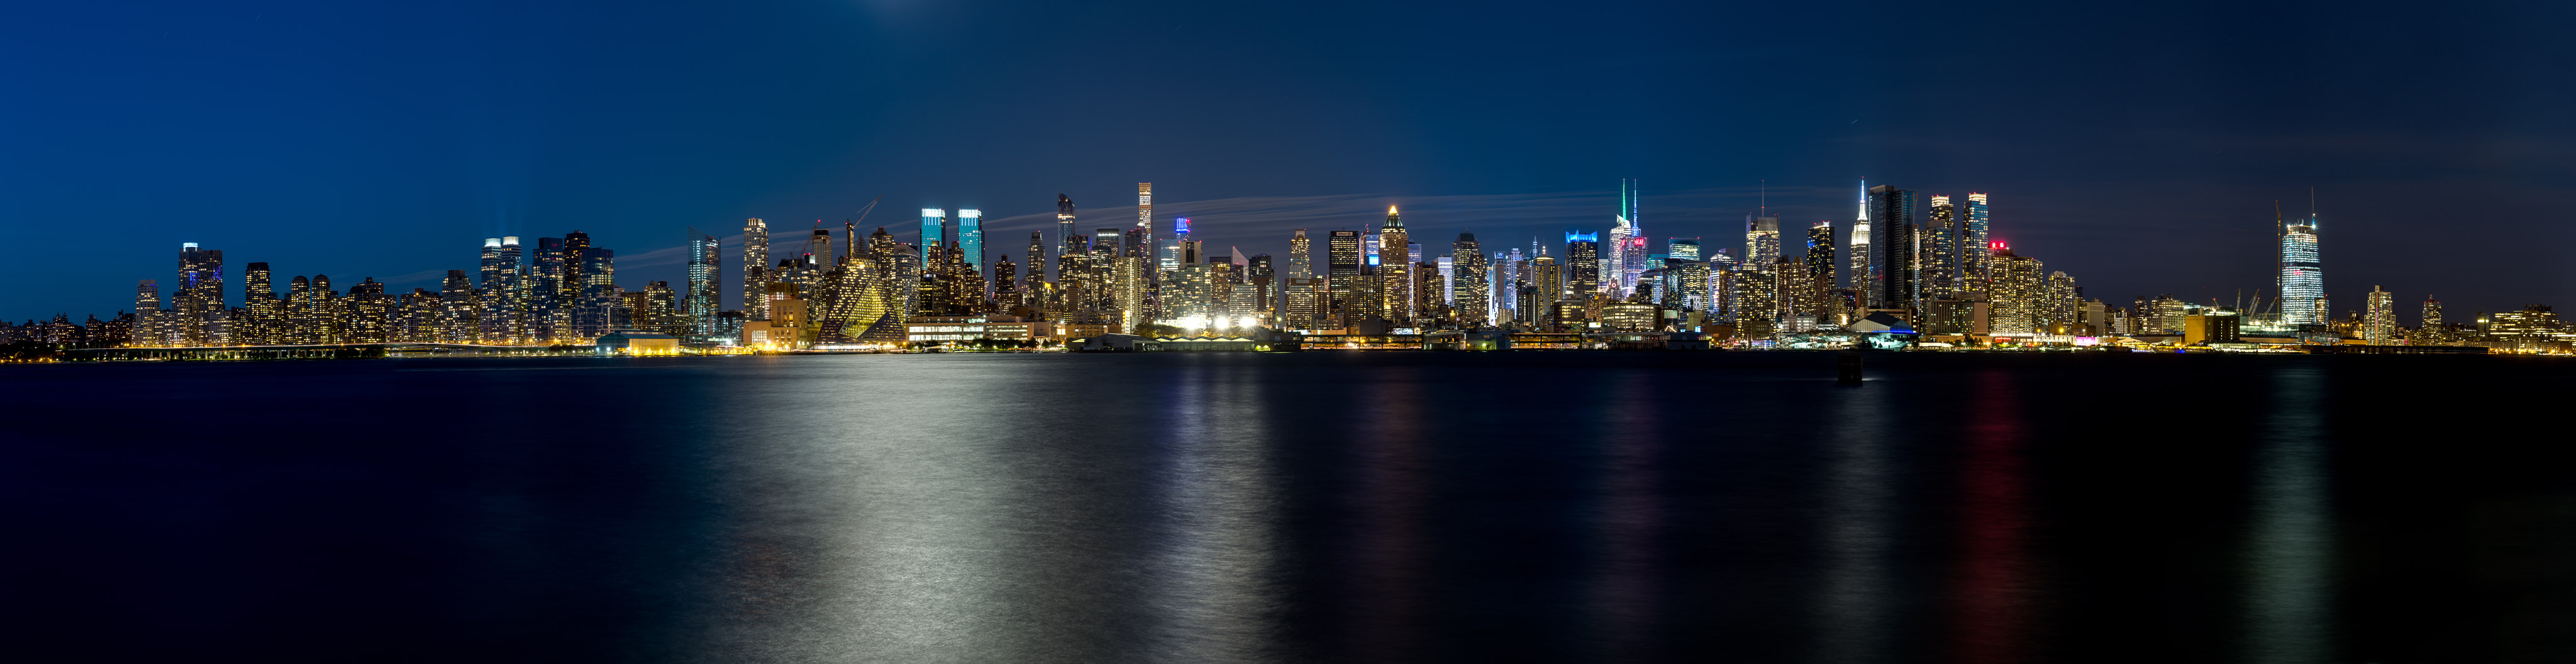 (©) Bernd Beisel - New York, Vereinigte Staaten von Amerika